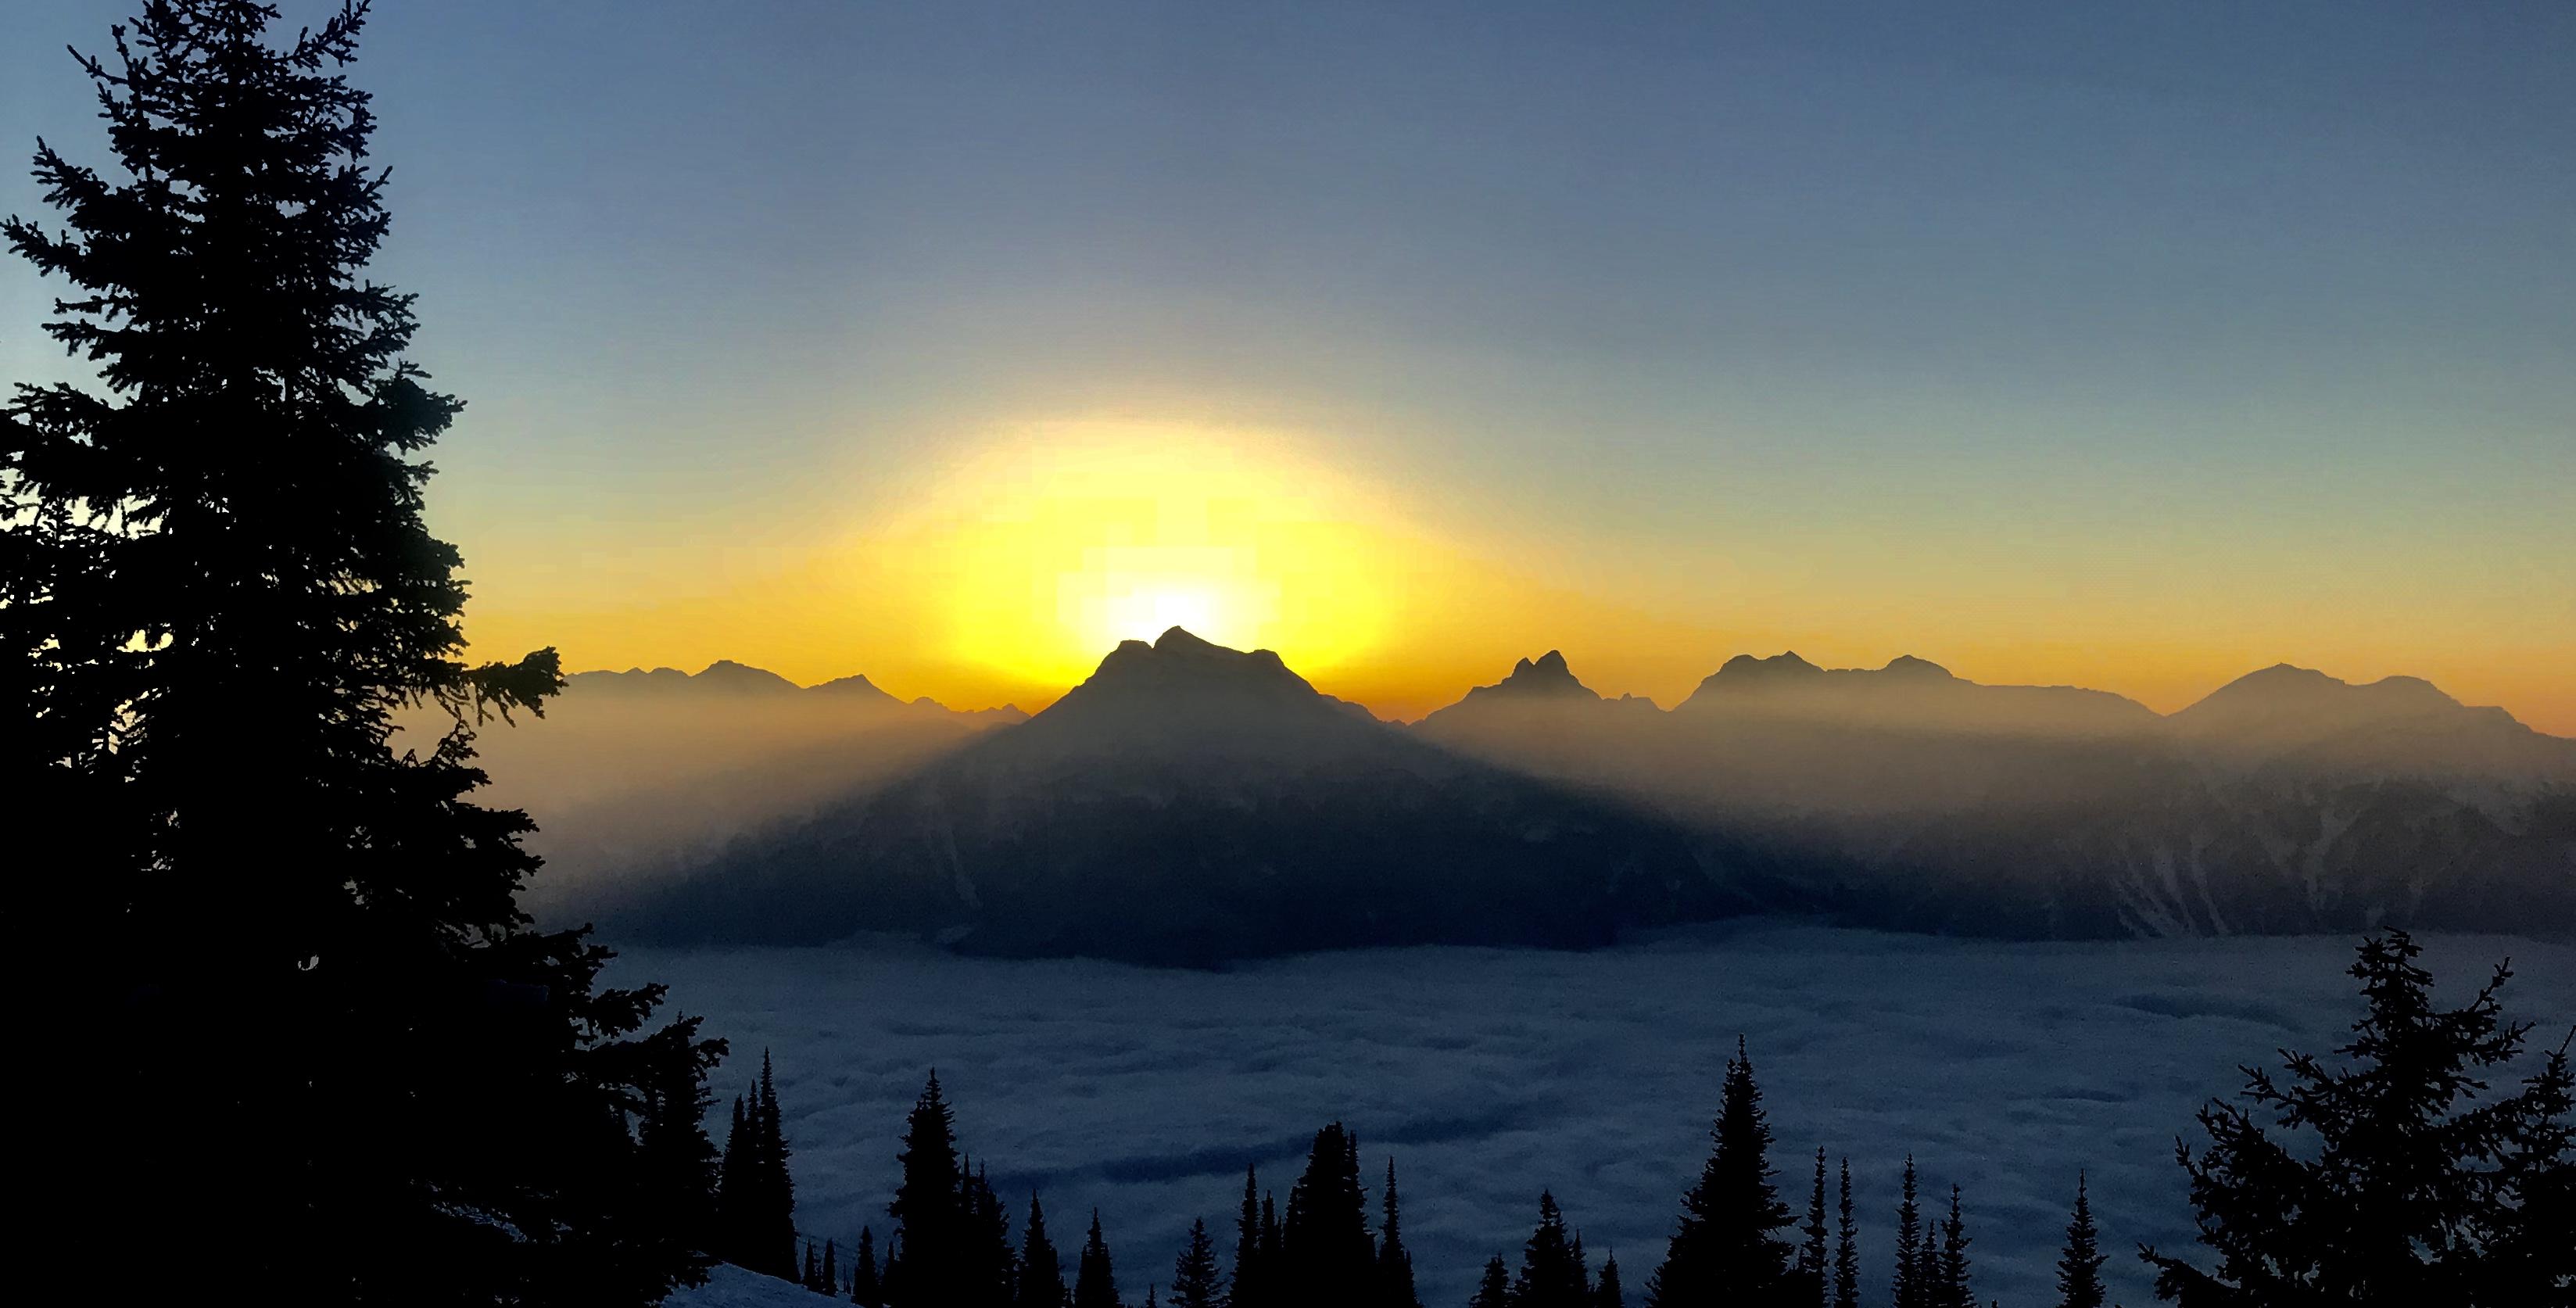 Sunset from vertigo ridge at revelstoke, Revelstoke Mountain Resort